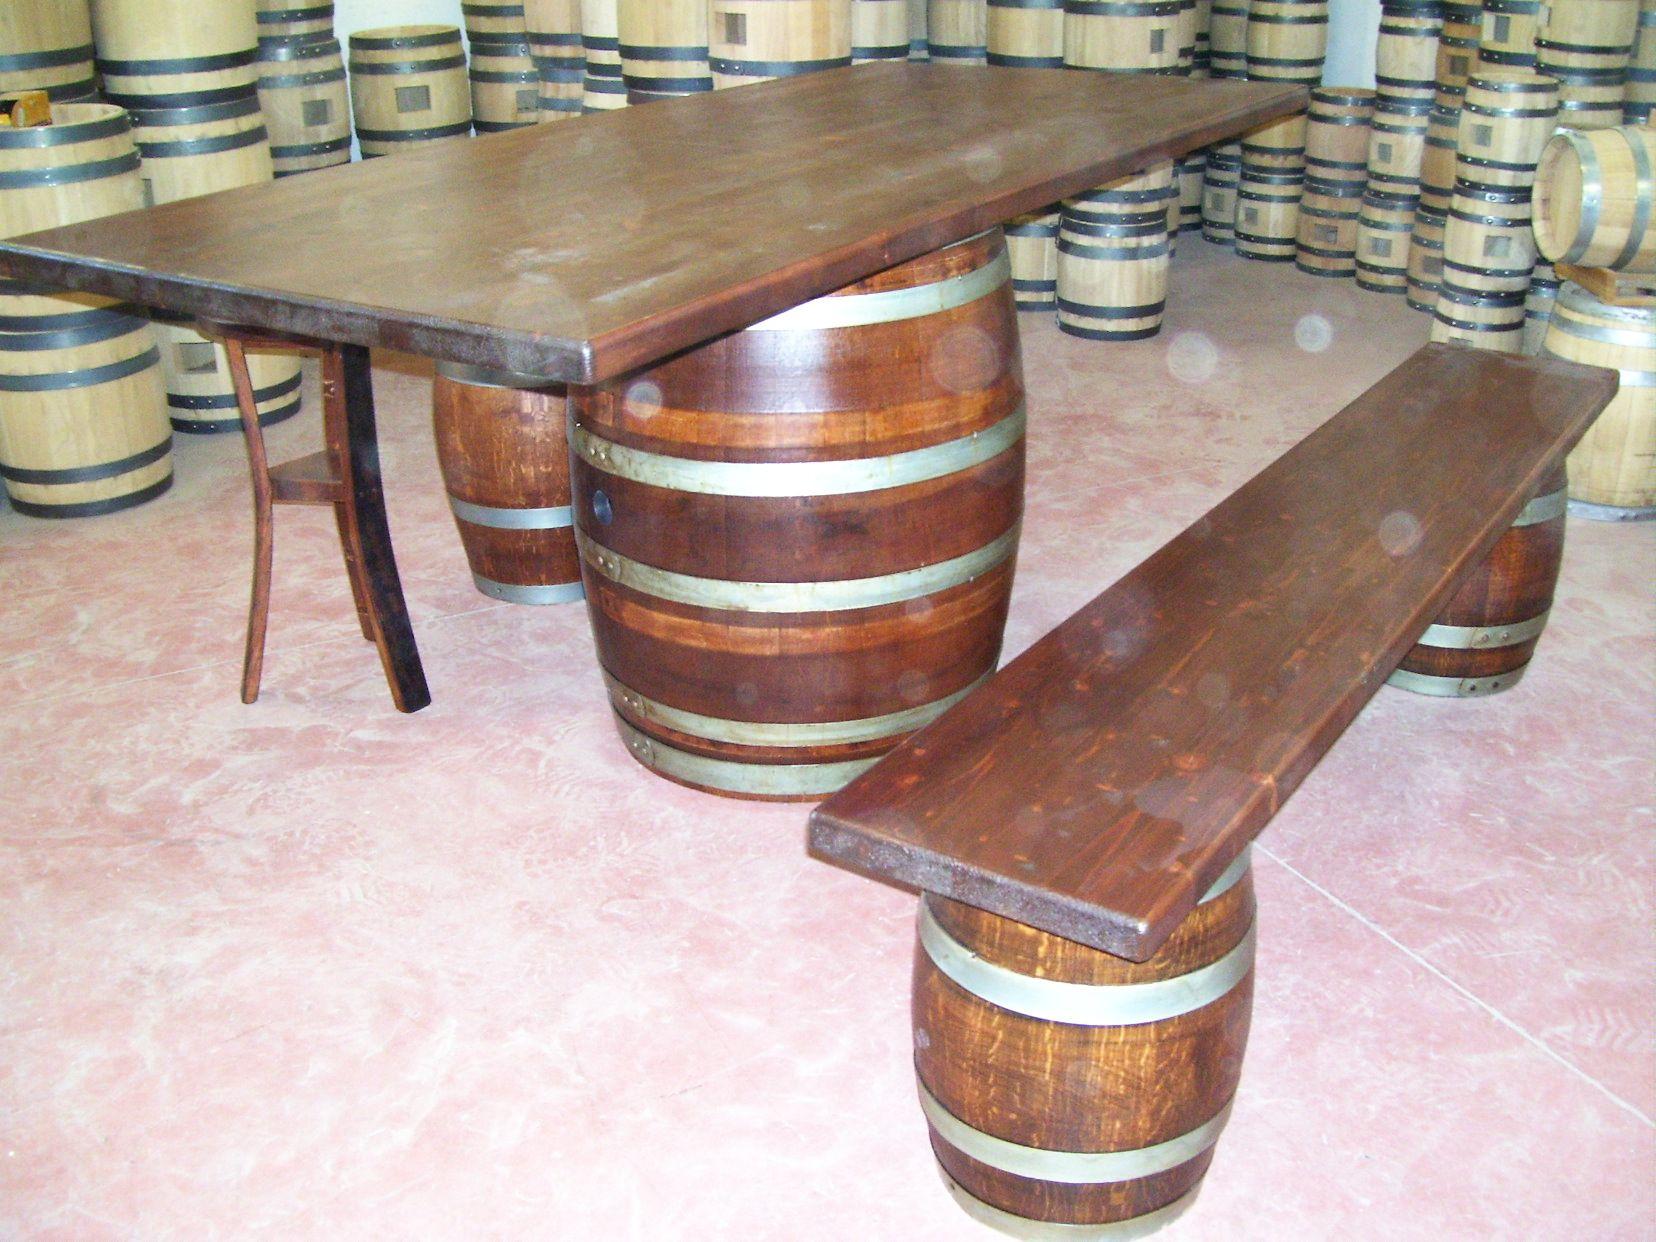 Sgabelli mobili e accessori per la casa a pavia kijiji